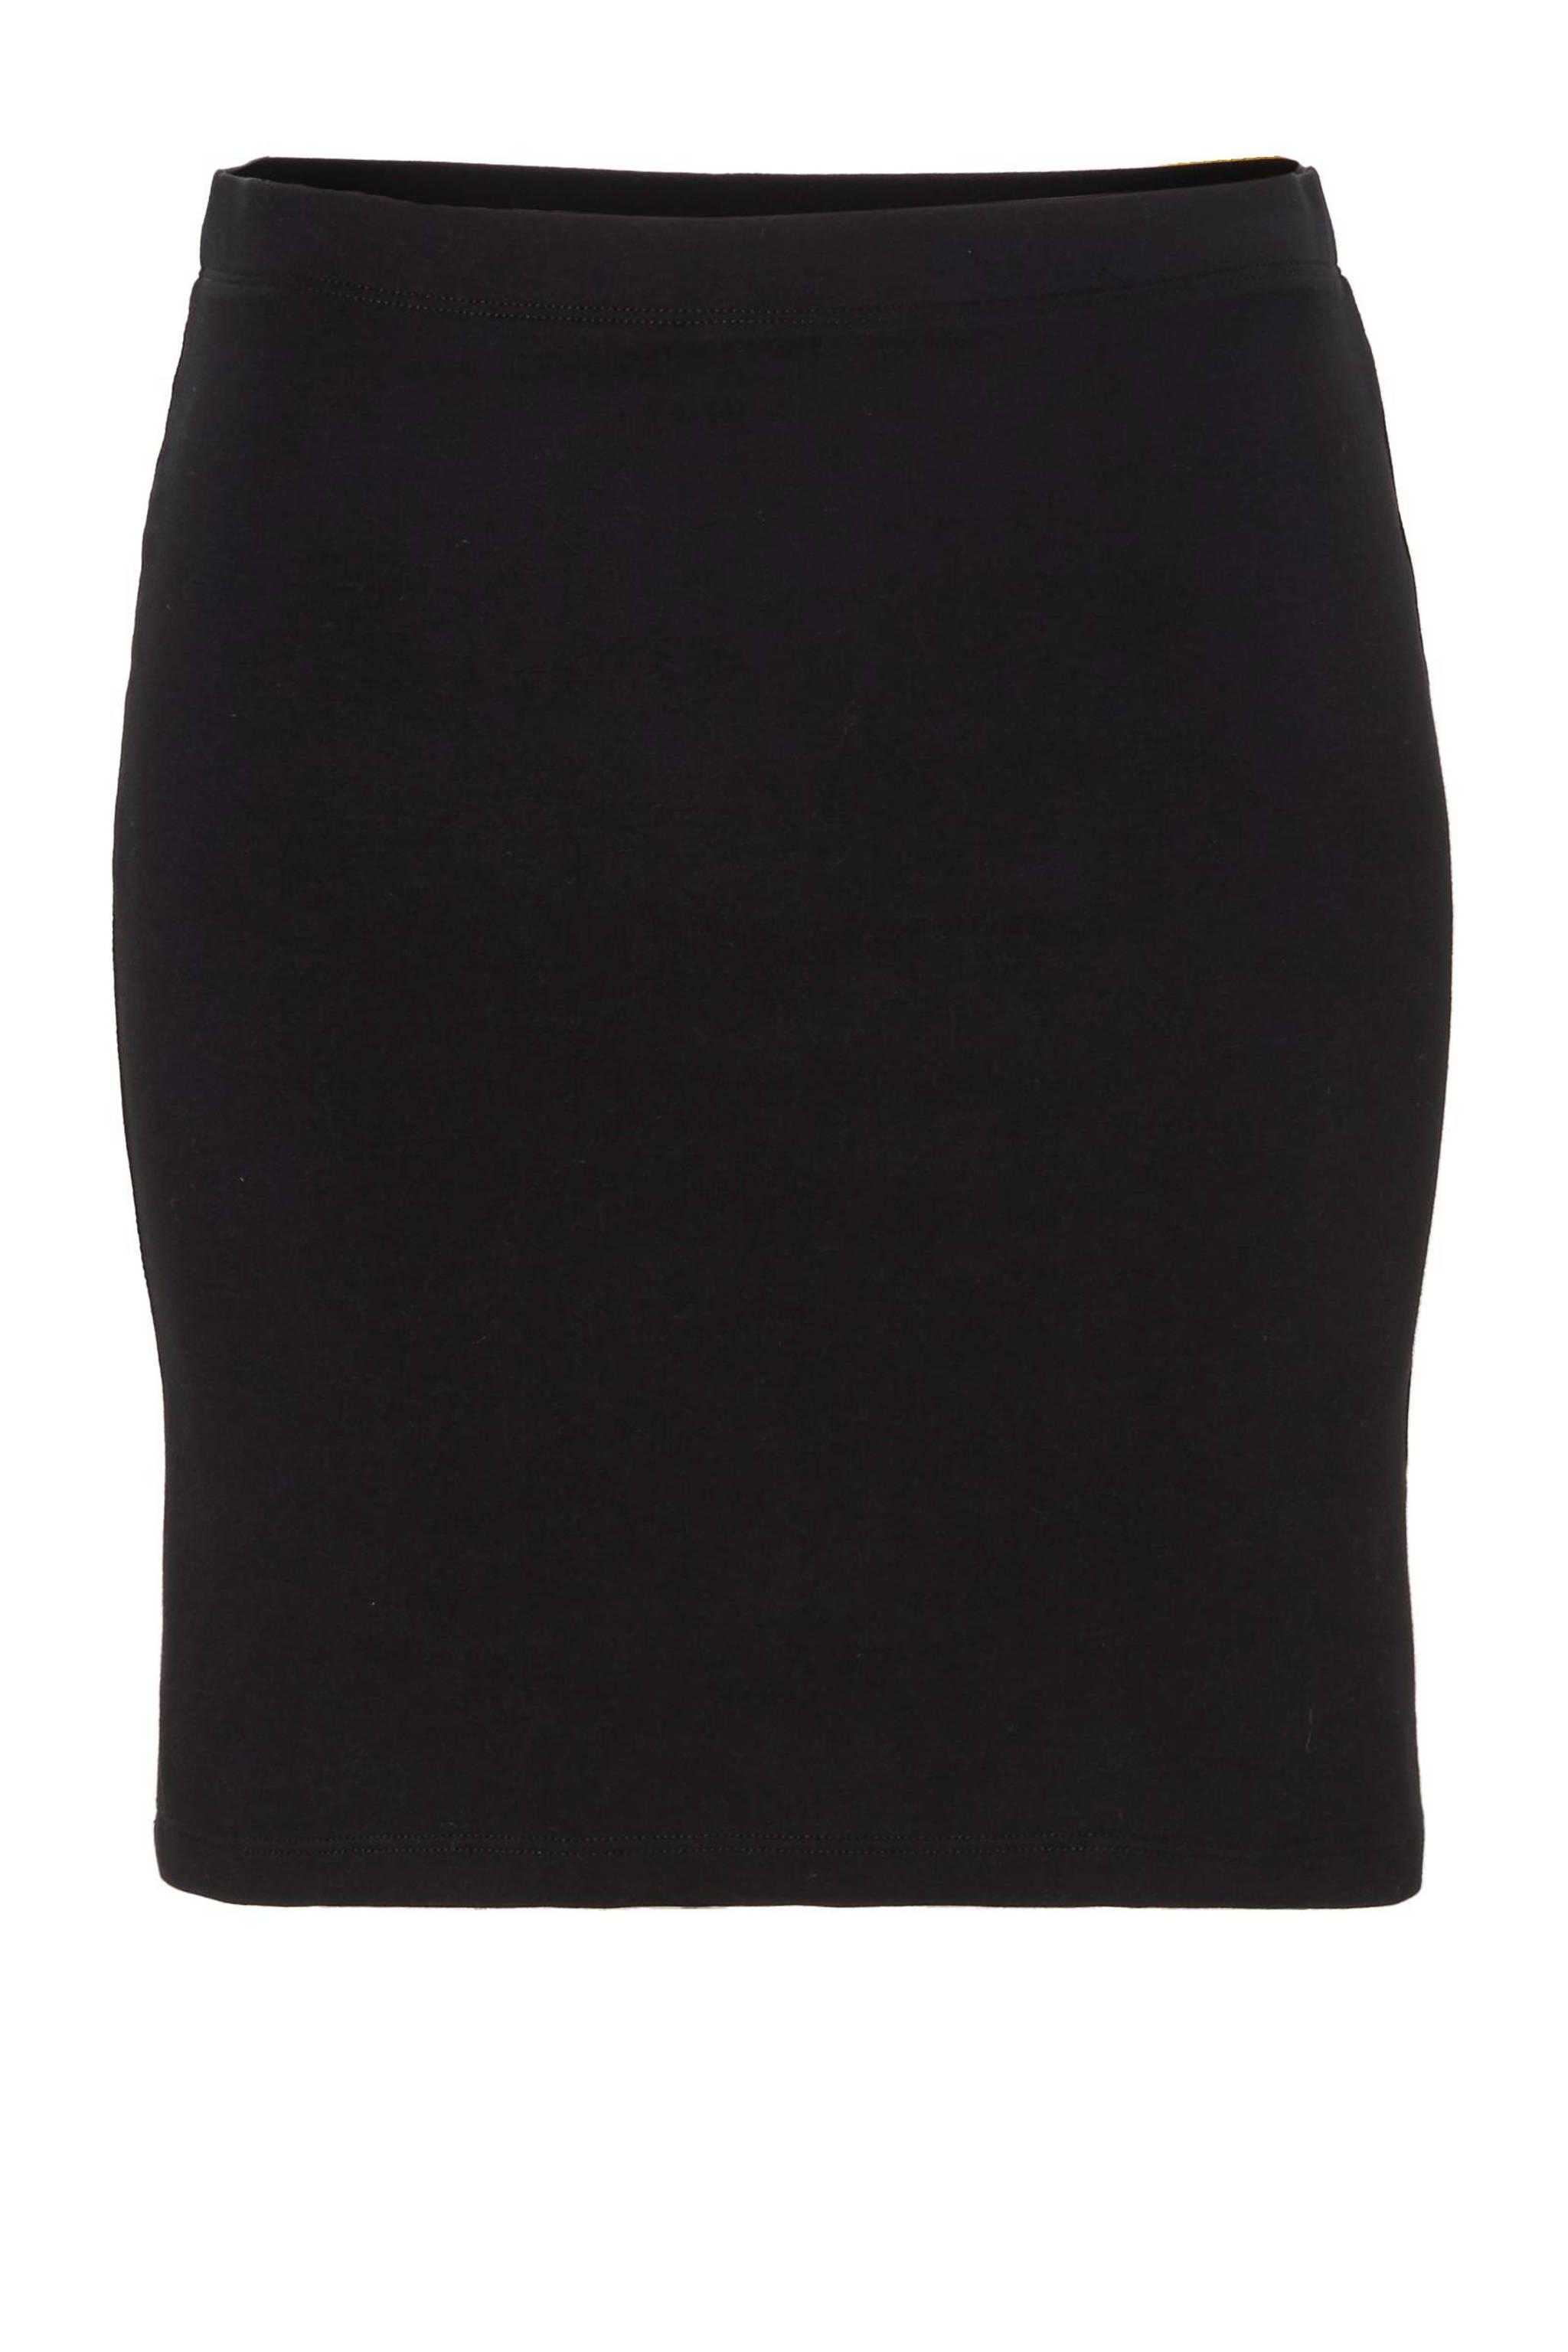 bbde4f14b18b92 Modström Tutti basic rok zwart